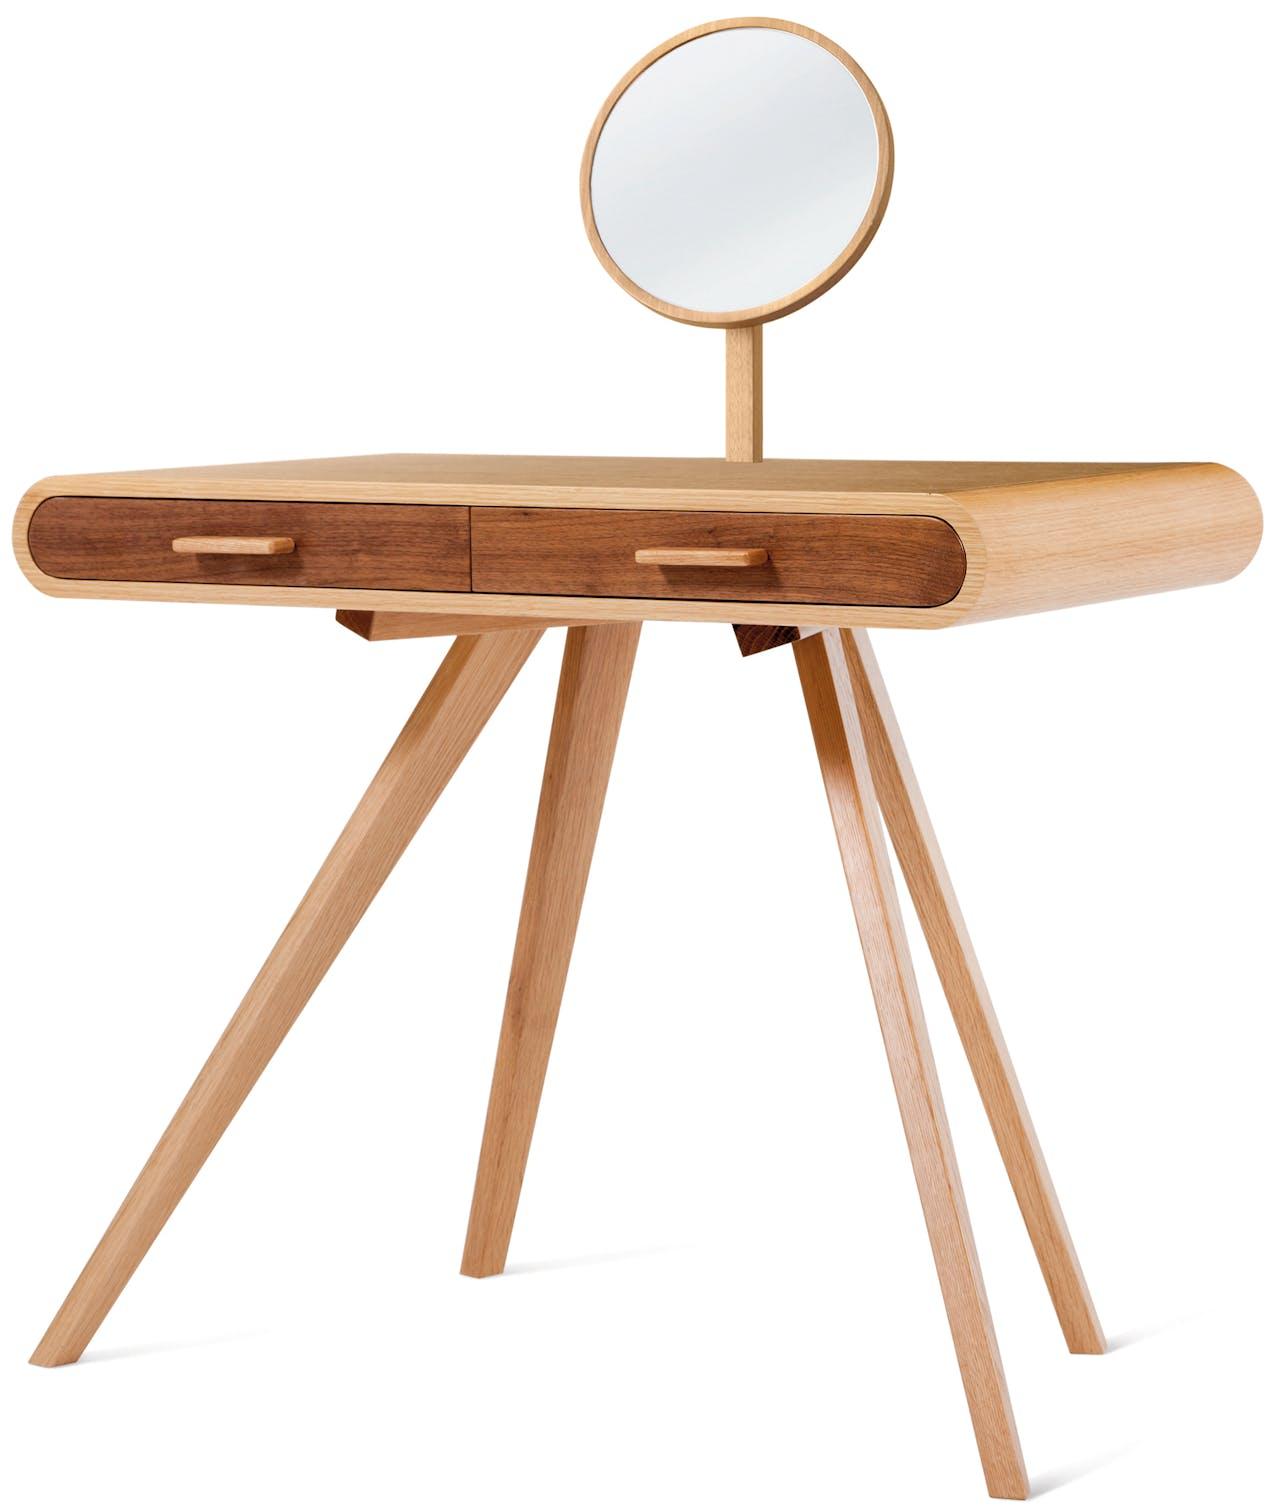 De Britse ontwerper Steuart Padwick maakte meerdere uitvoeringen van zijn toilettafel, deze is met walnoot en eiken.